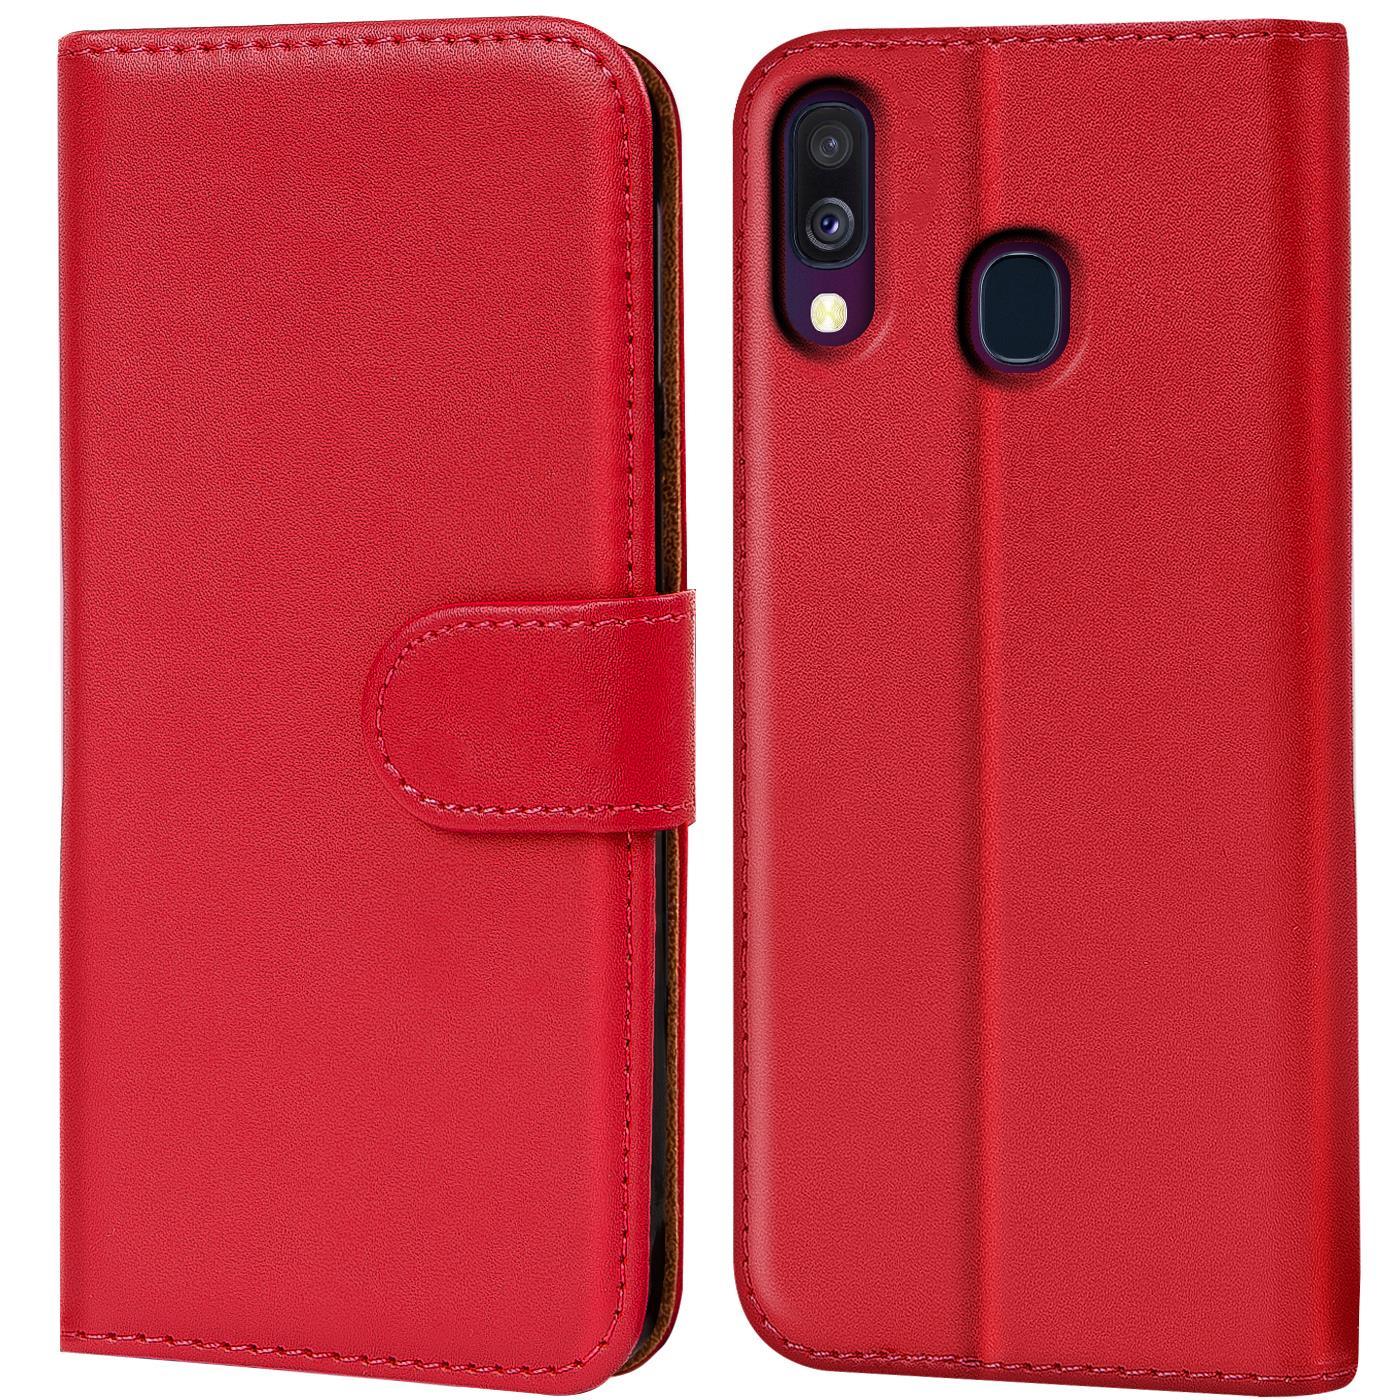 Schutz-Huelle-Samsung-Galaxy-A40-Handy-Klapp-Tasche-Book-Flip-Case-Schutzhuelle Indexbild 24